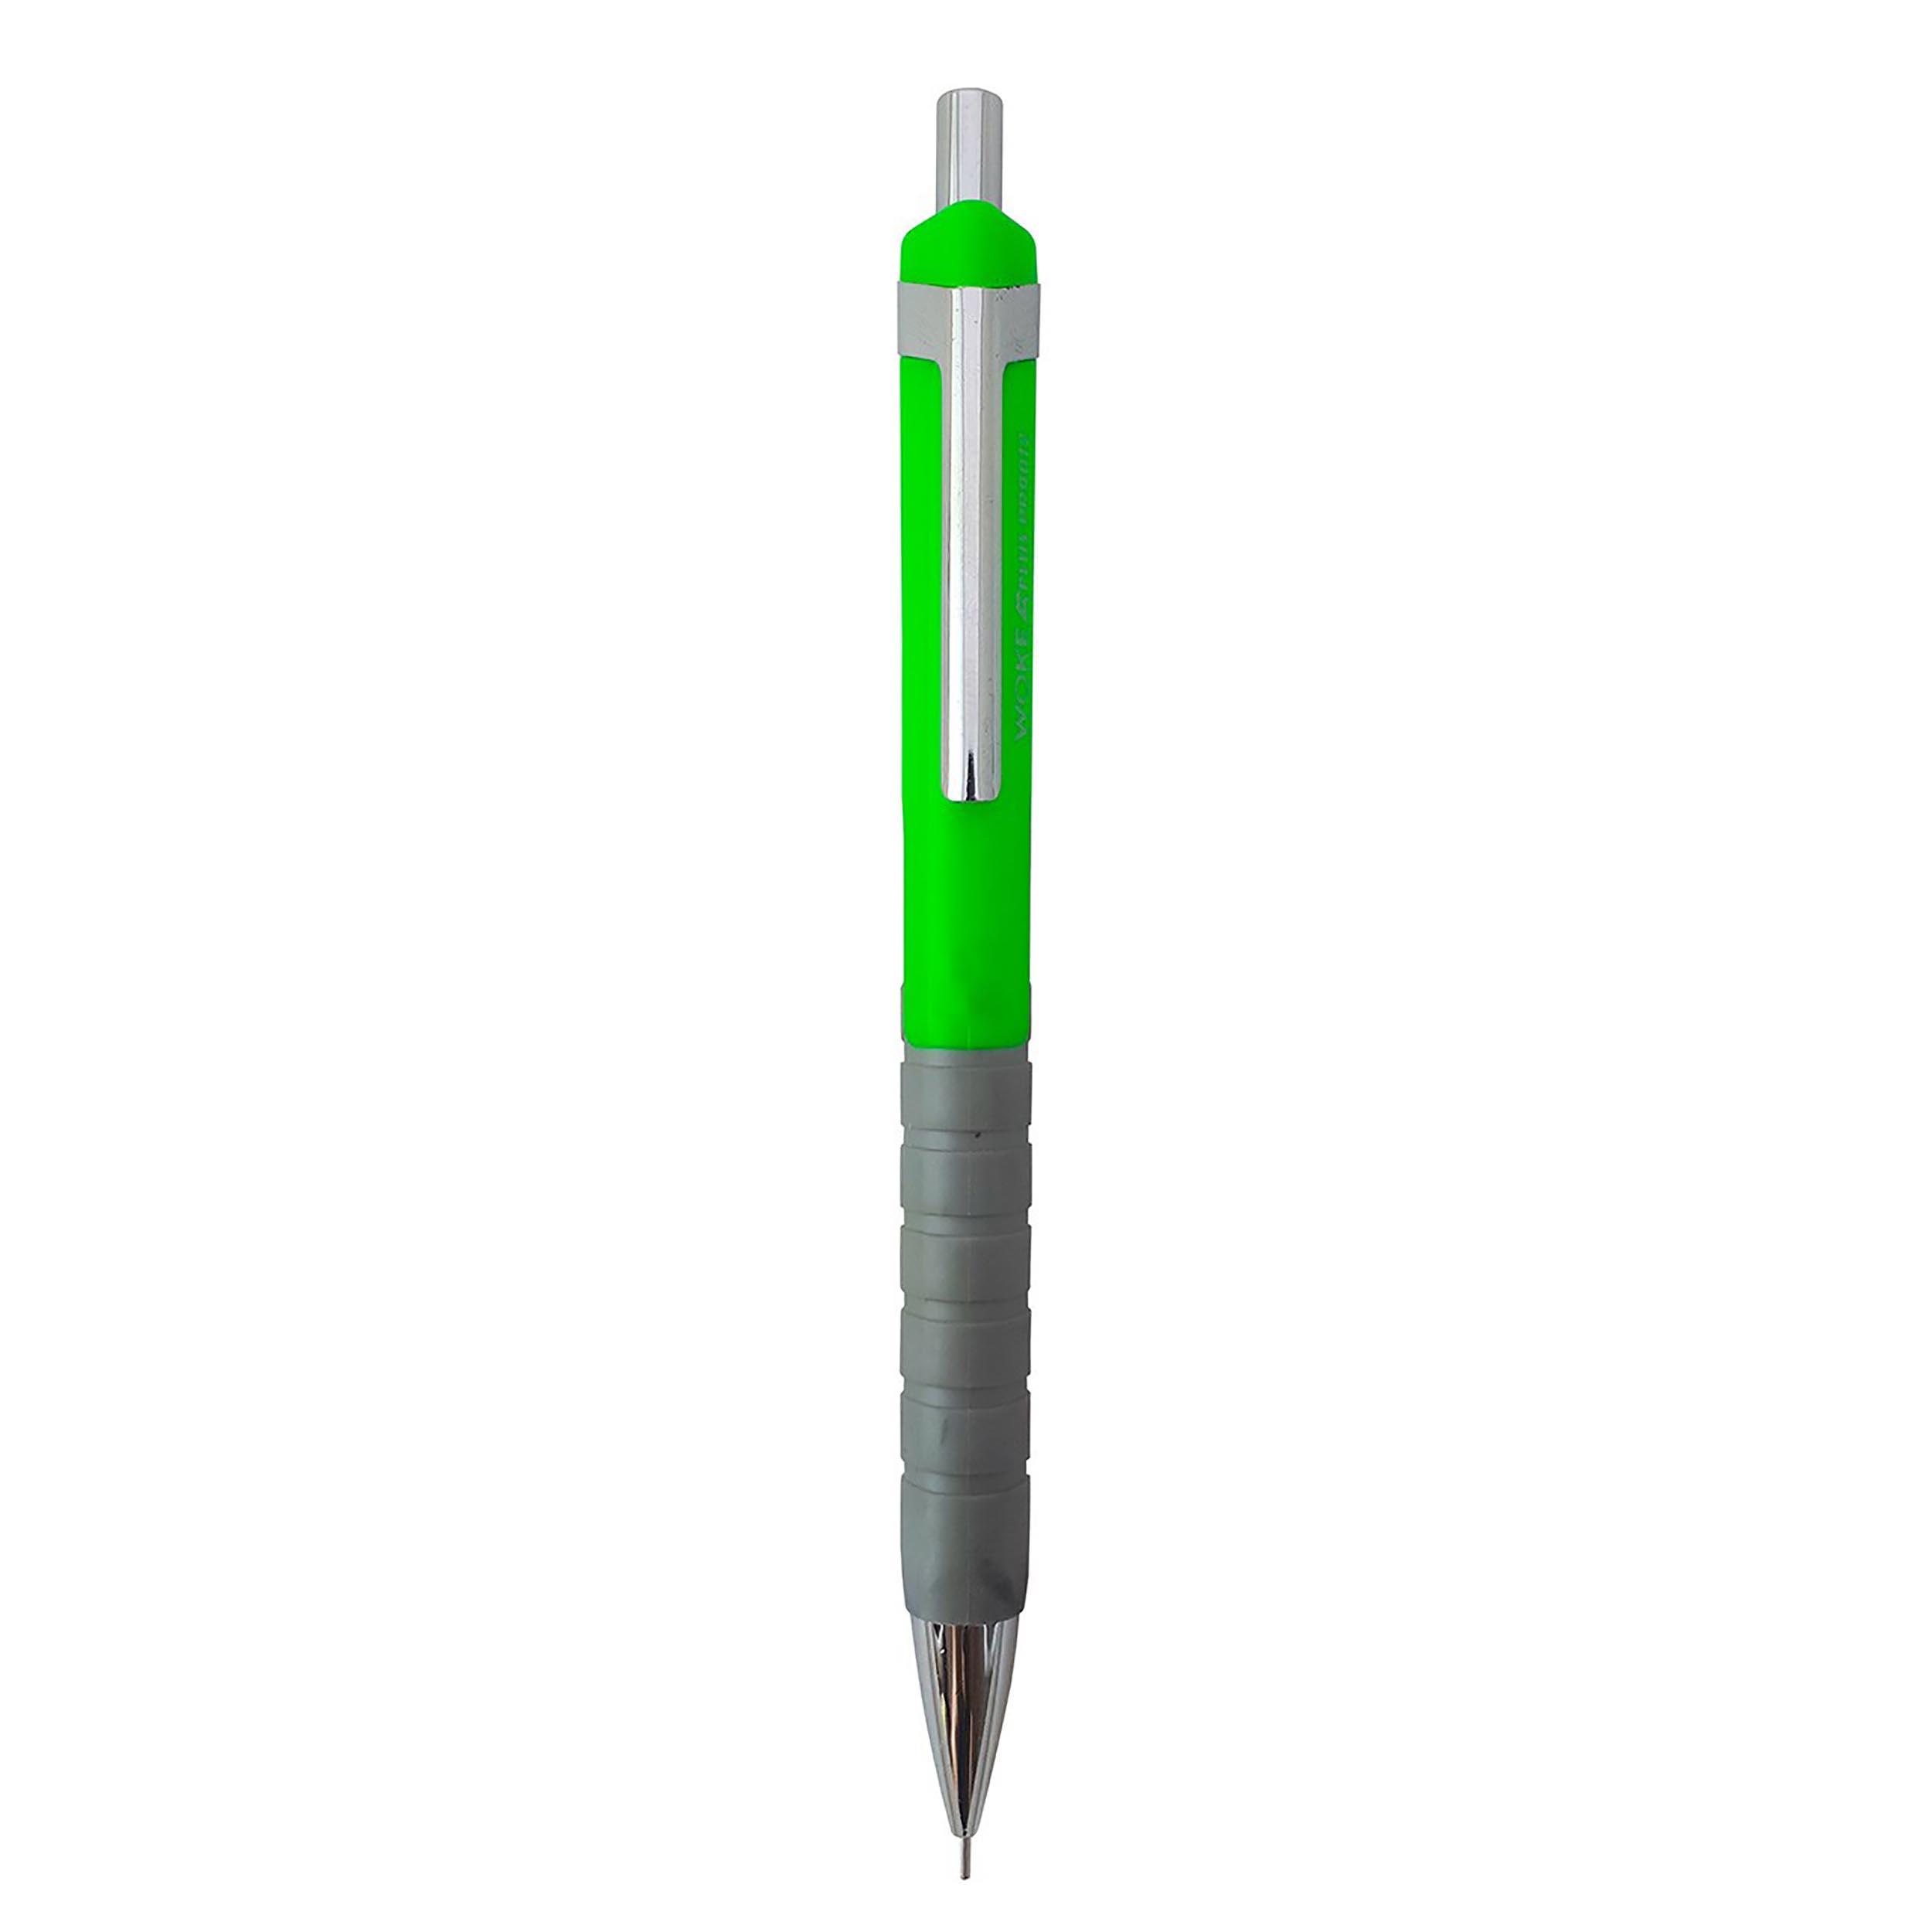 مداد نوکی 0.5 میلی متری ووک مدل pr 012